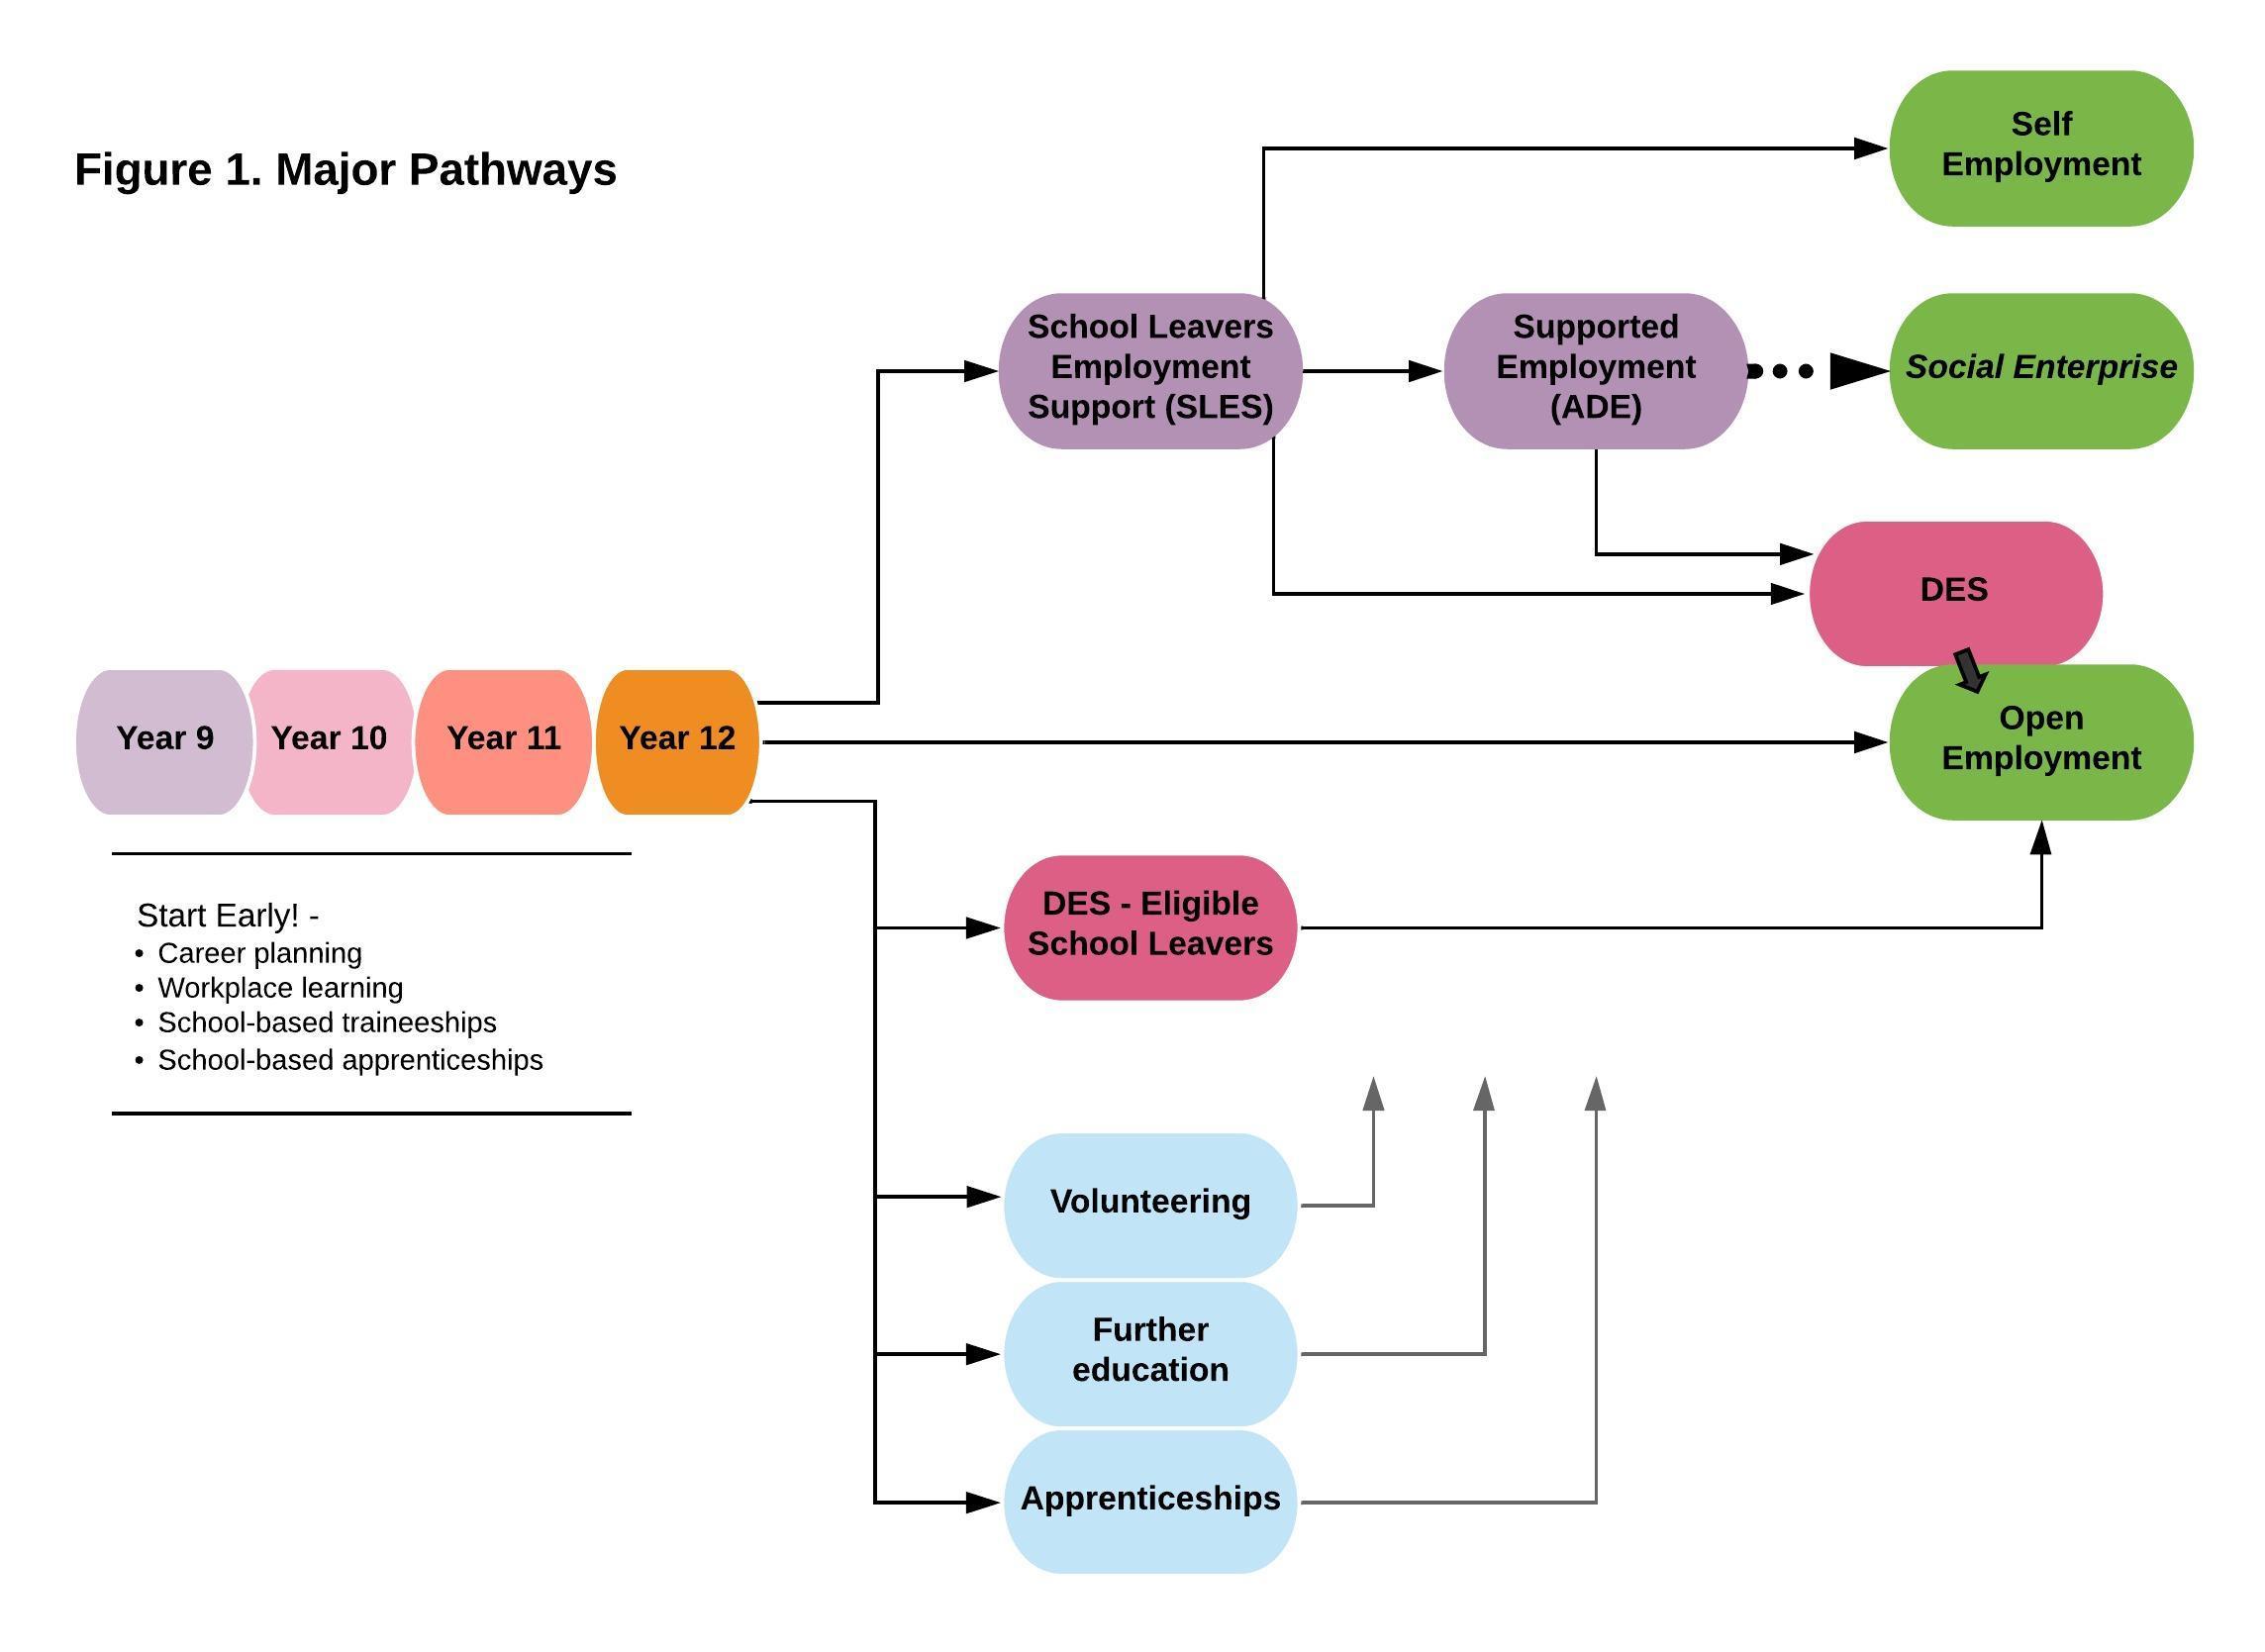 Pathways to employment  V2.jpg